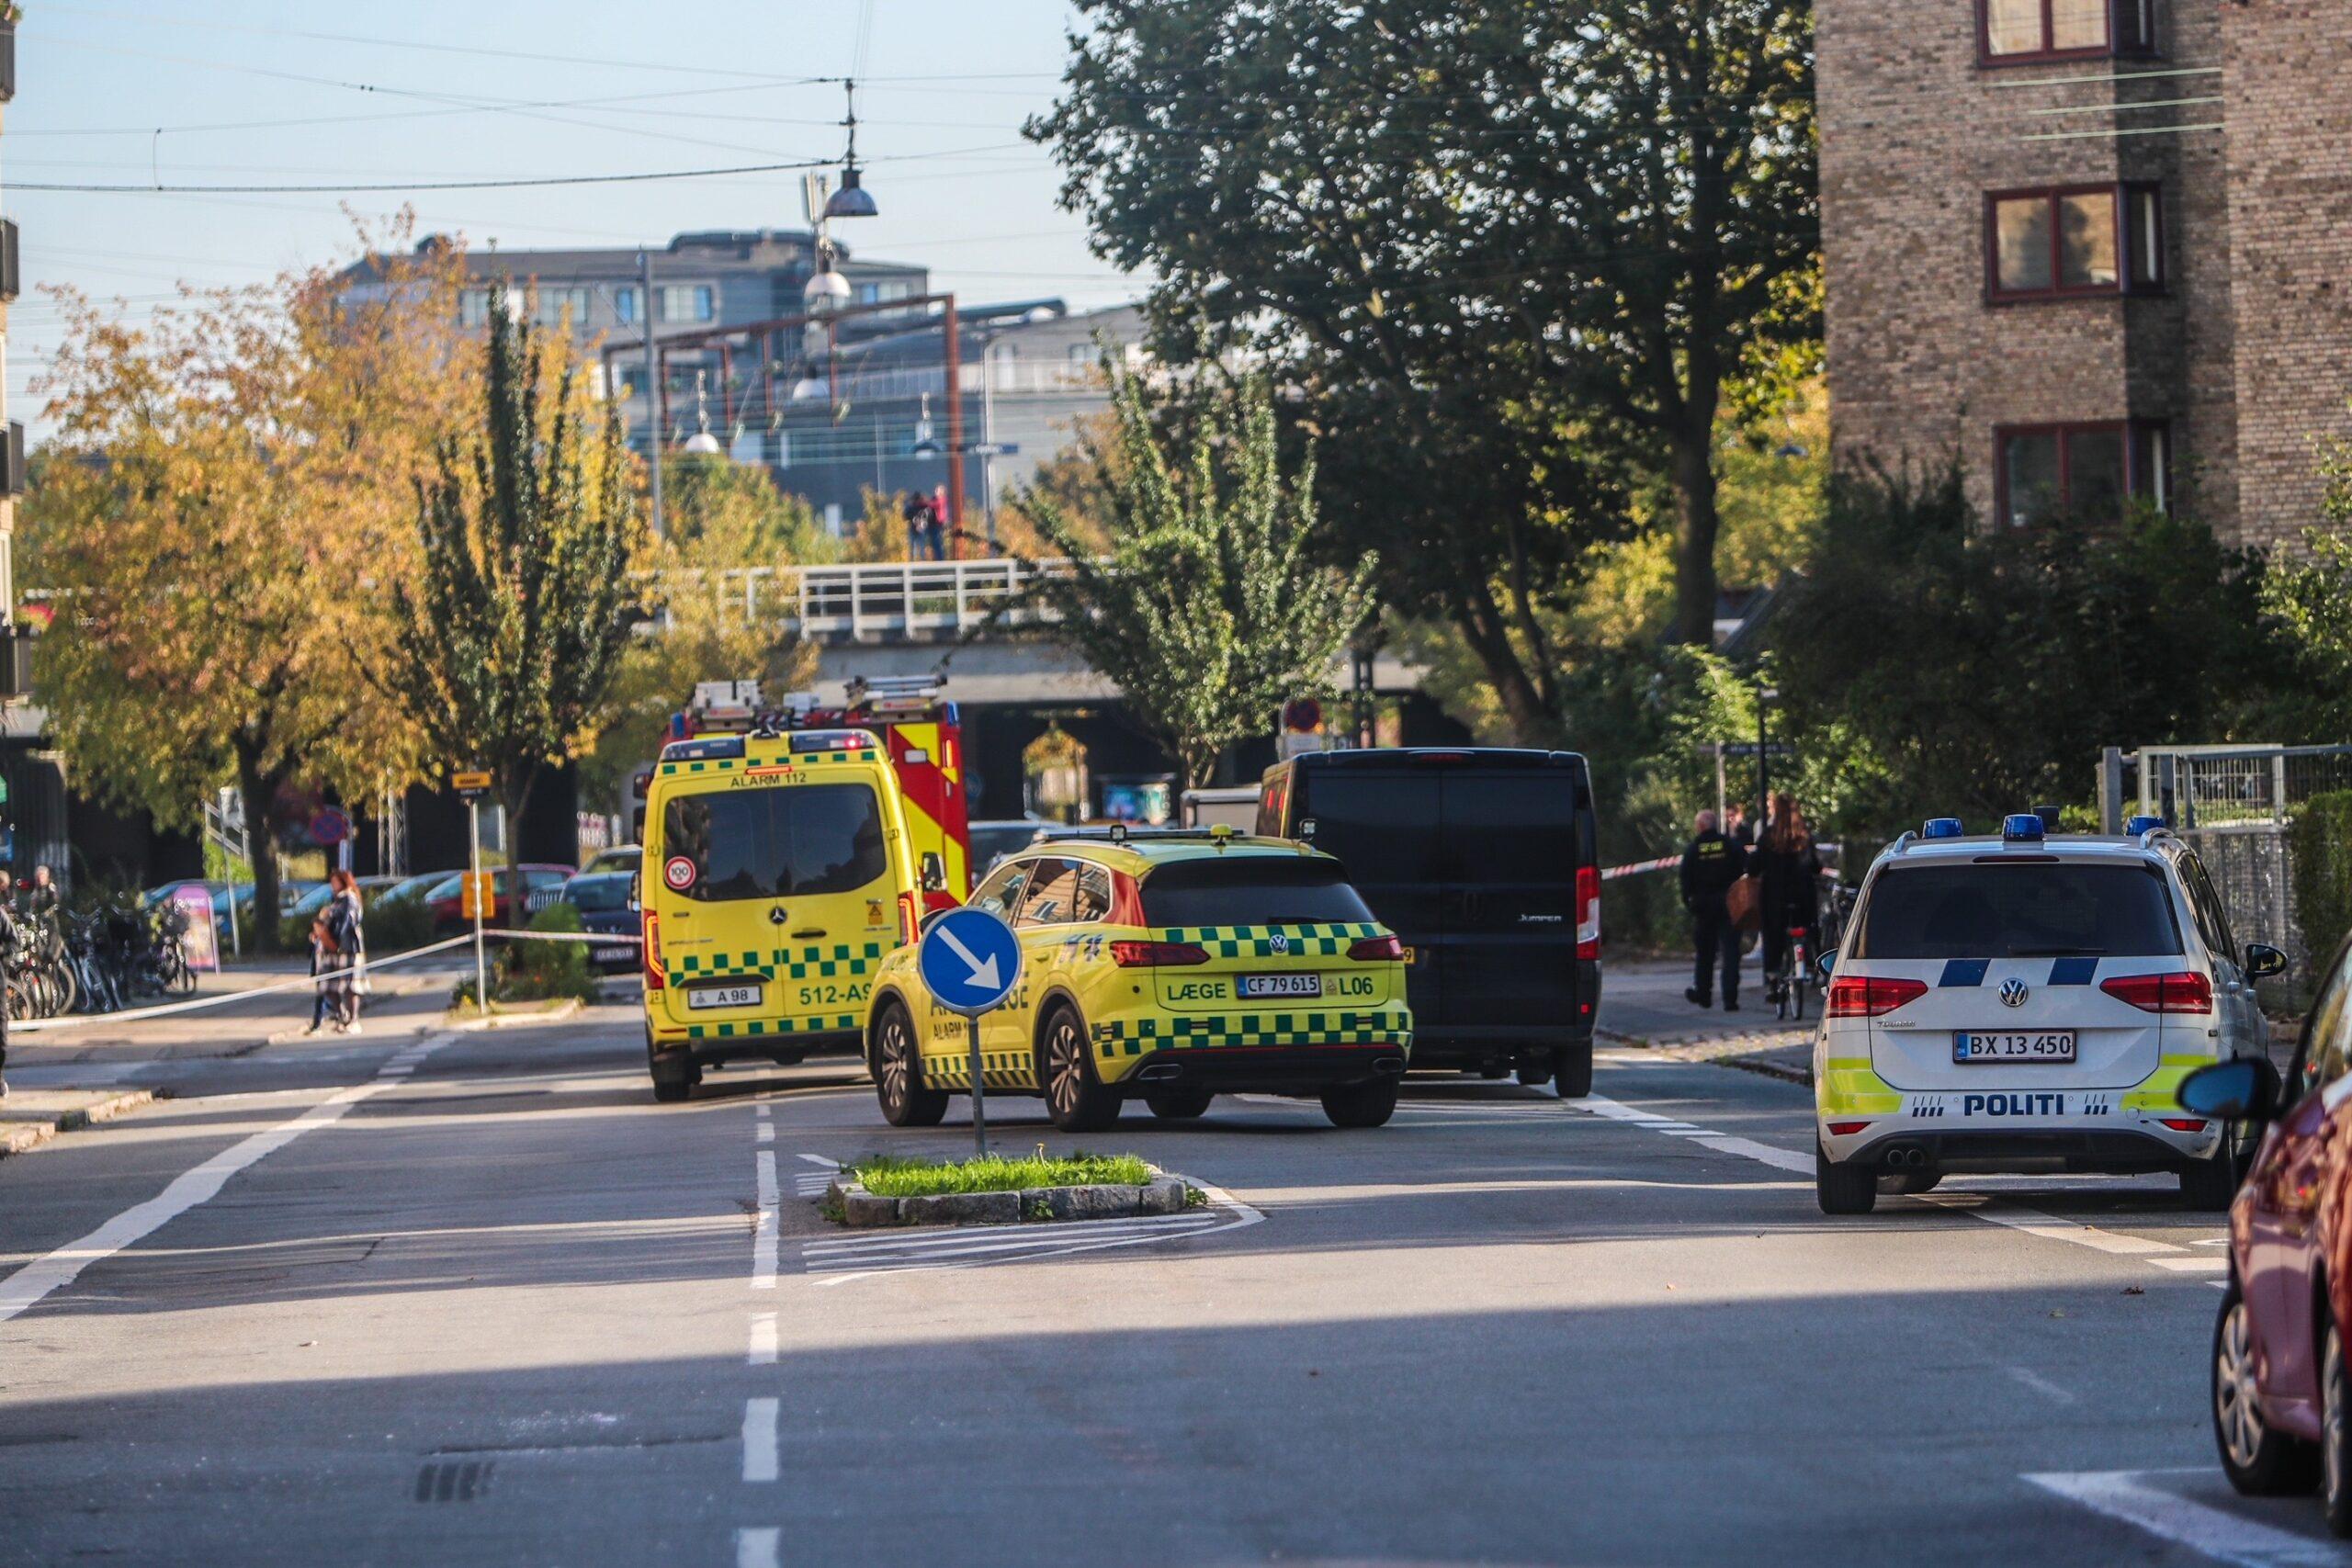 Politi og redning massiv til stede i København